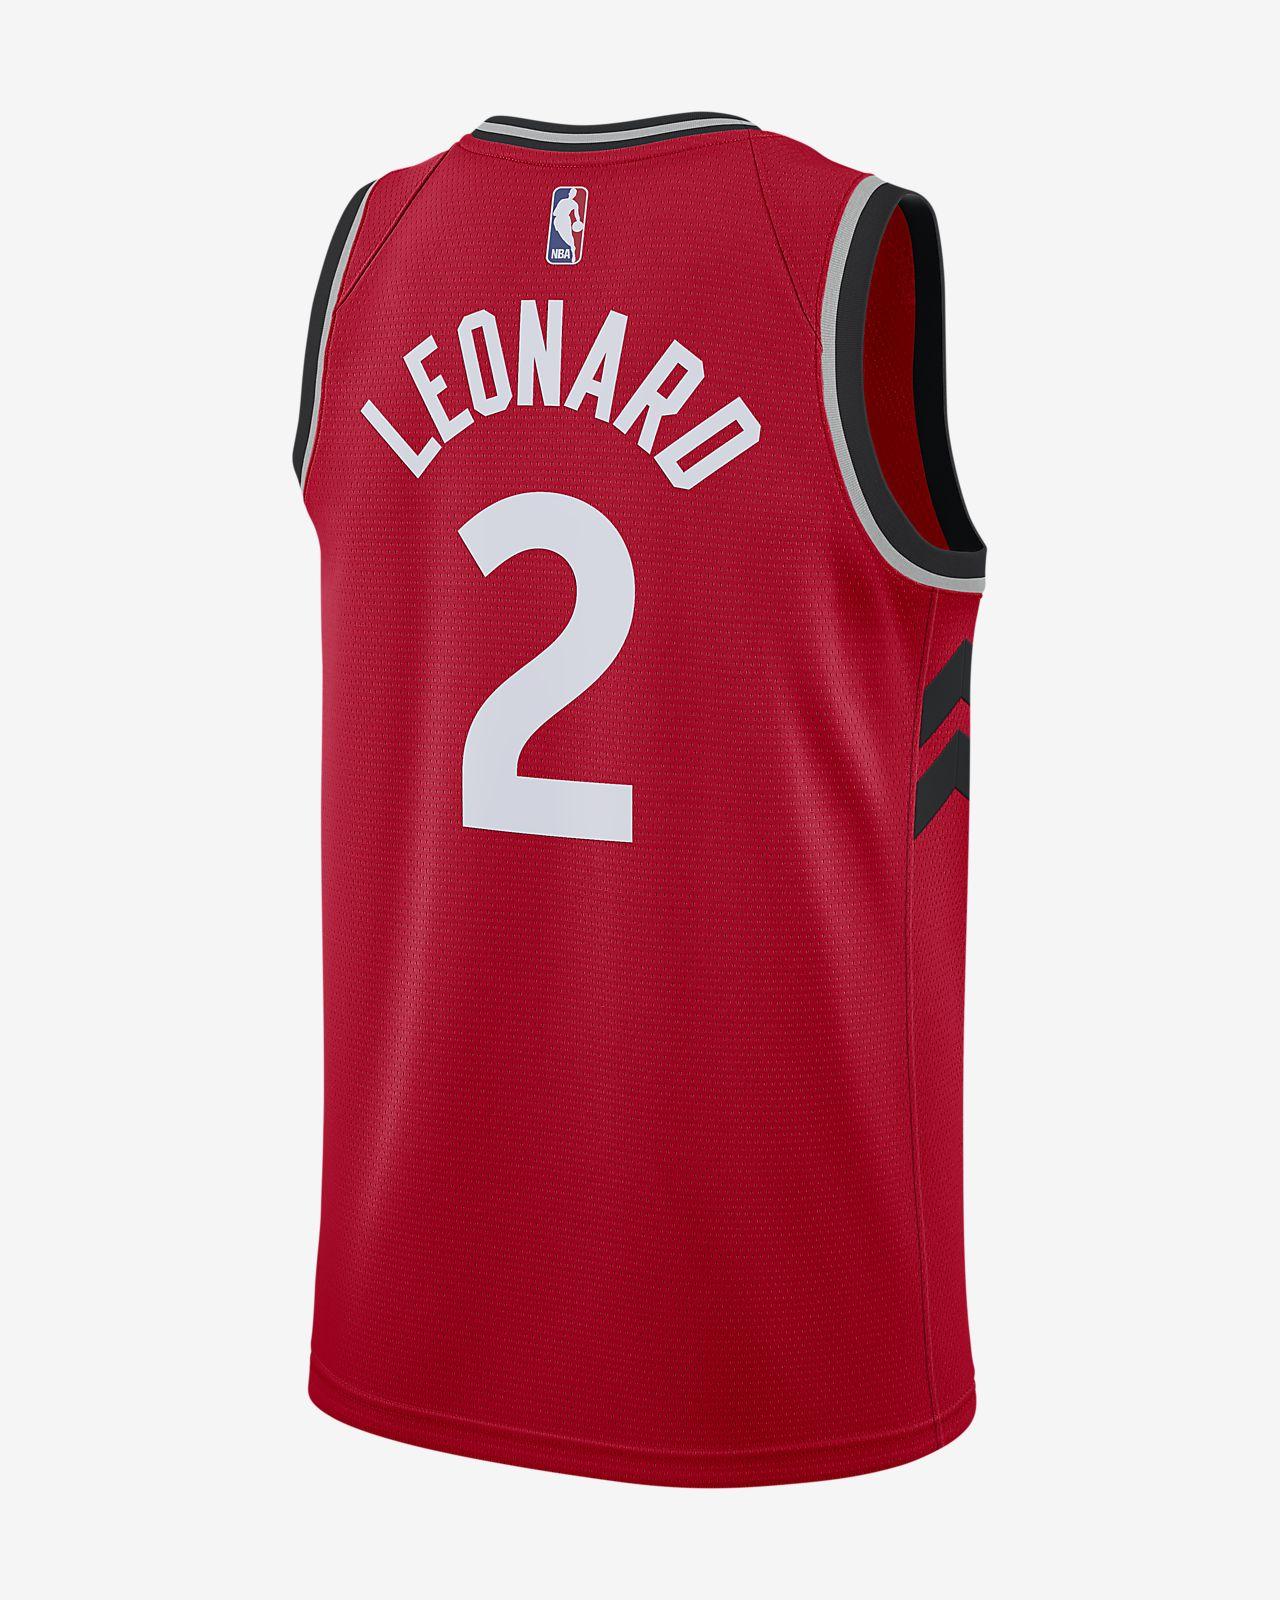 8fe312f360c ... 多伦多猛龙队(Kawhi Leonard) Icon Edition Swingman Nike NBA Connected Jersey 男子